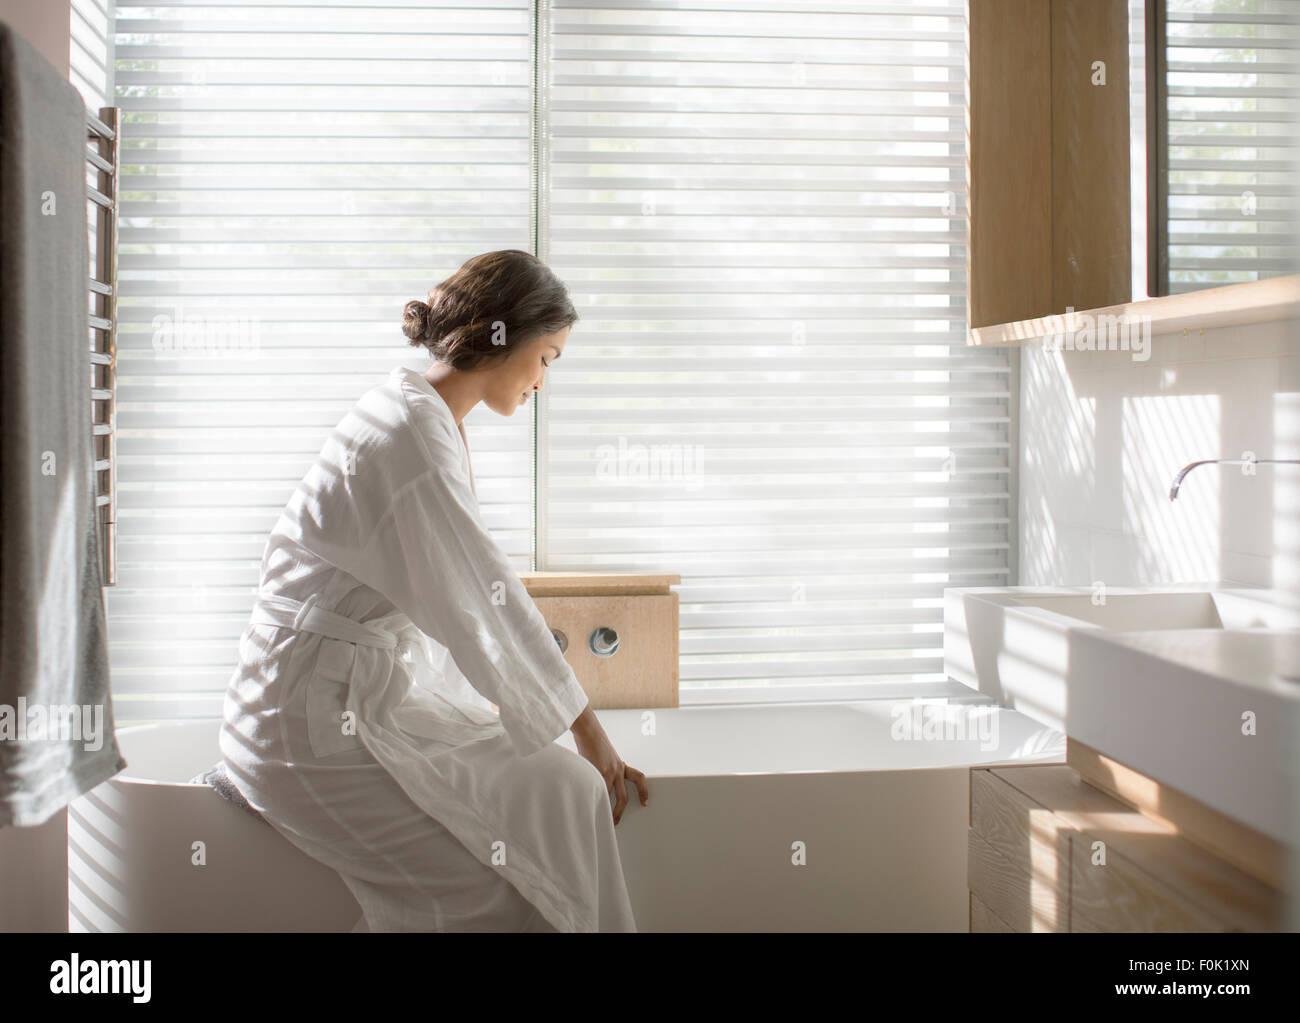 Vasca Da Bagno Disegno : Donna in accappatoio il disegno di una vasca da bagno in vasca nel